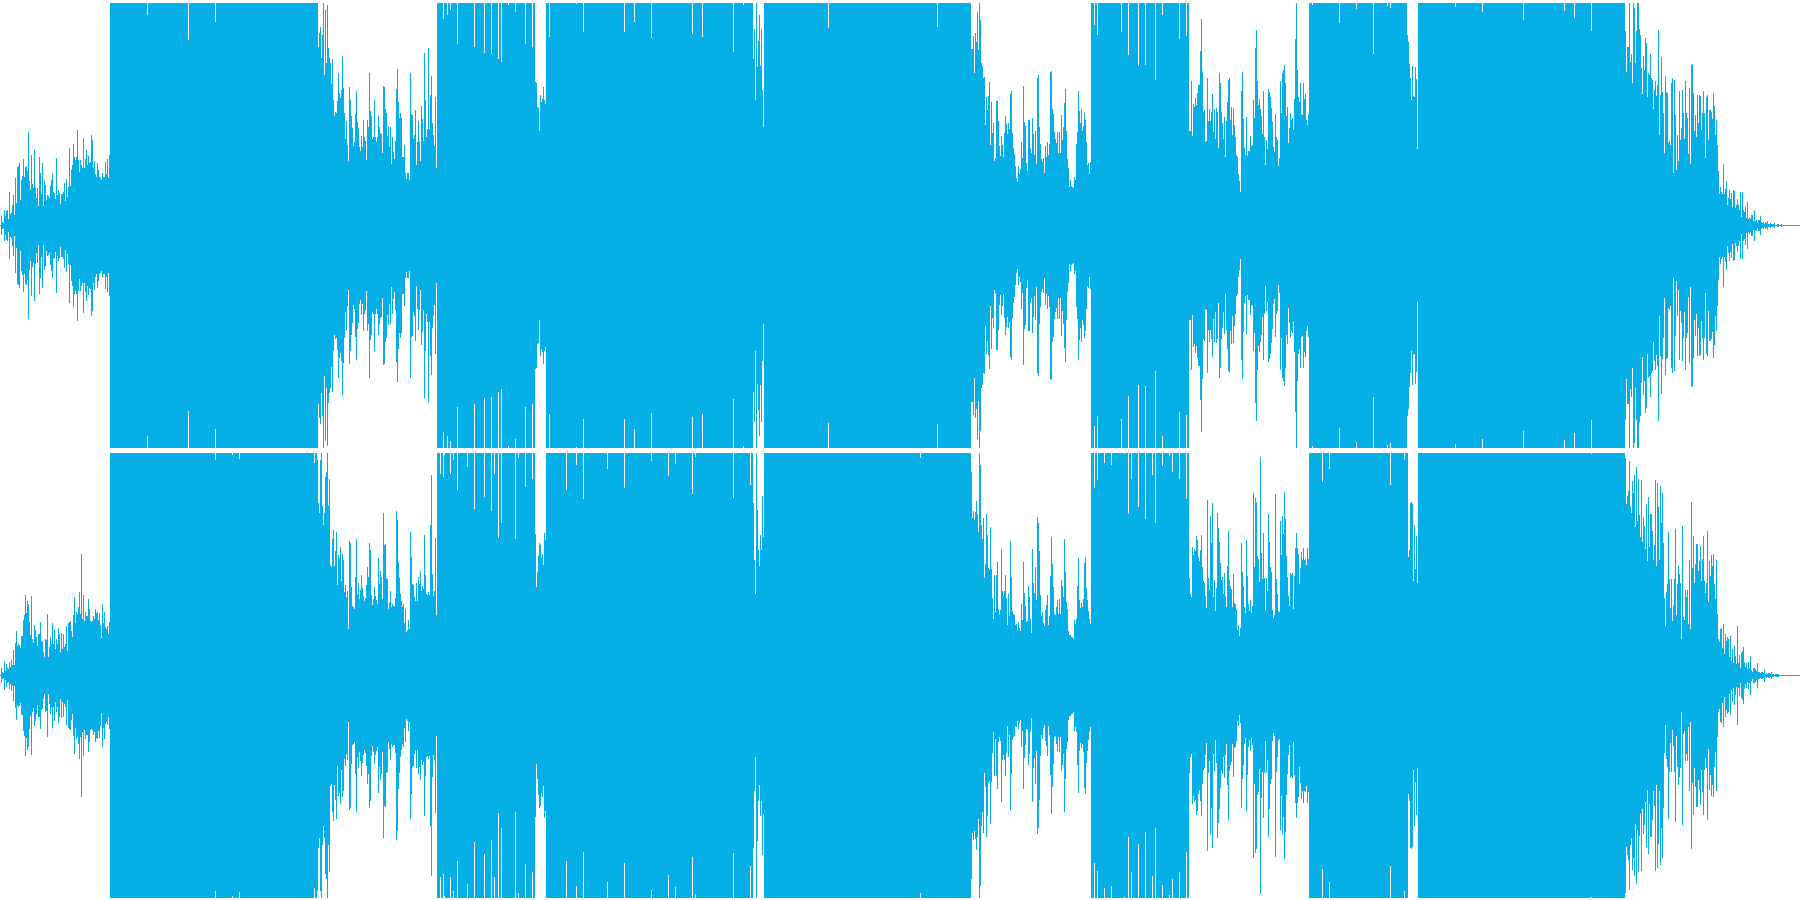 映像用浮遊感のあるメロディが流れるEDMの再生済みの波形